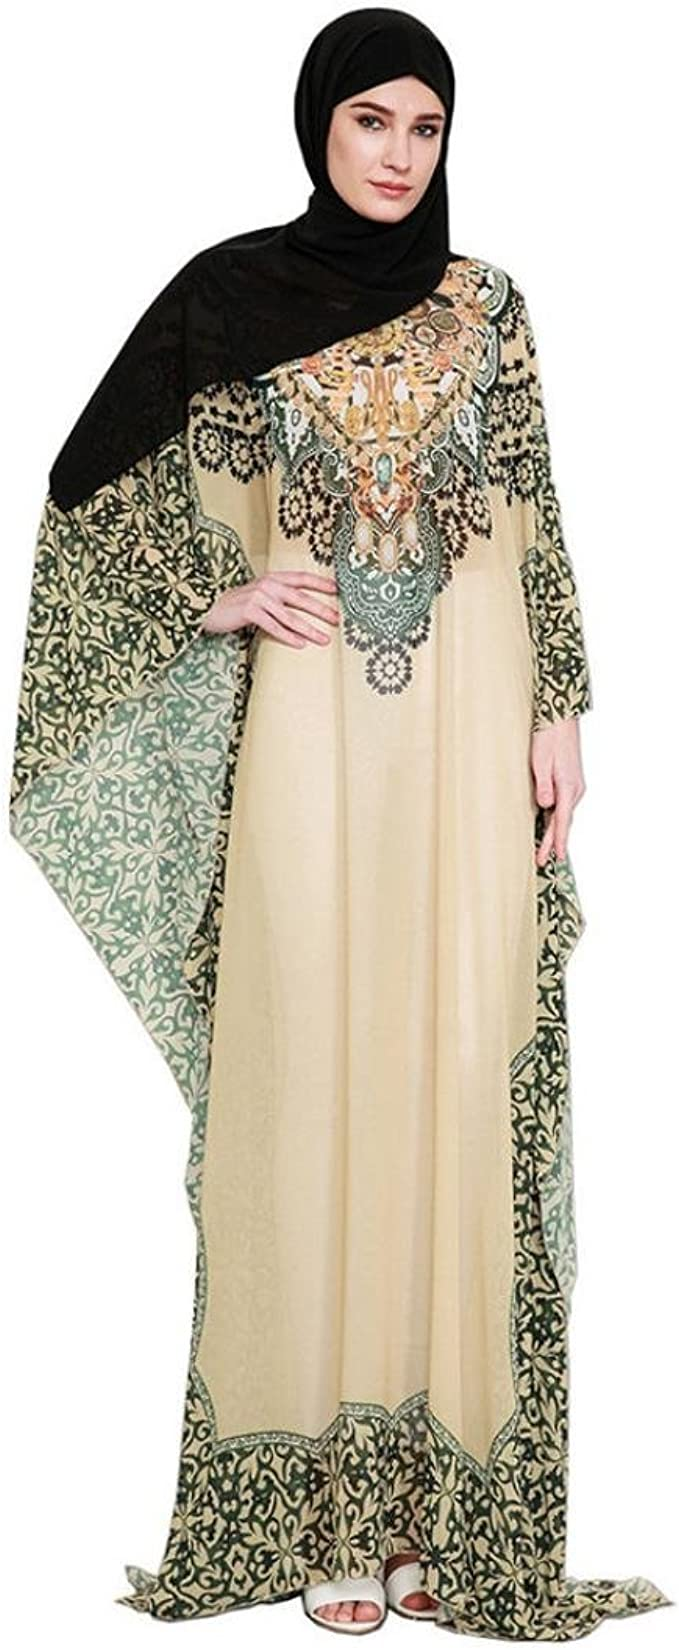 Amphia Festkleid Muslim Dubai Muslimisch Islamisch Arabisch Indien